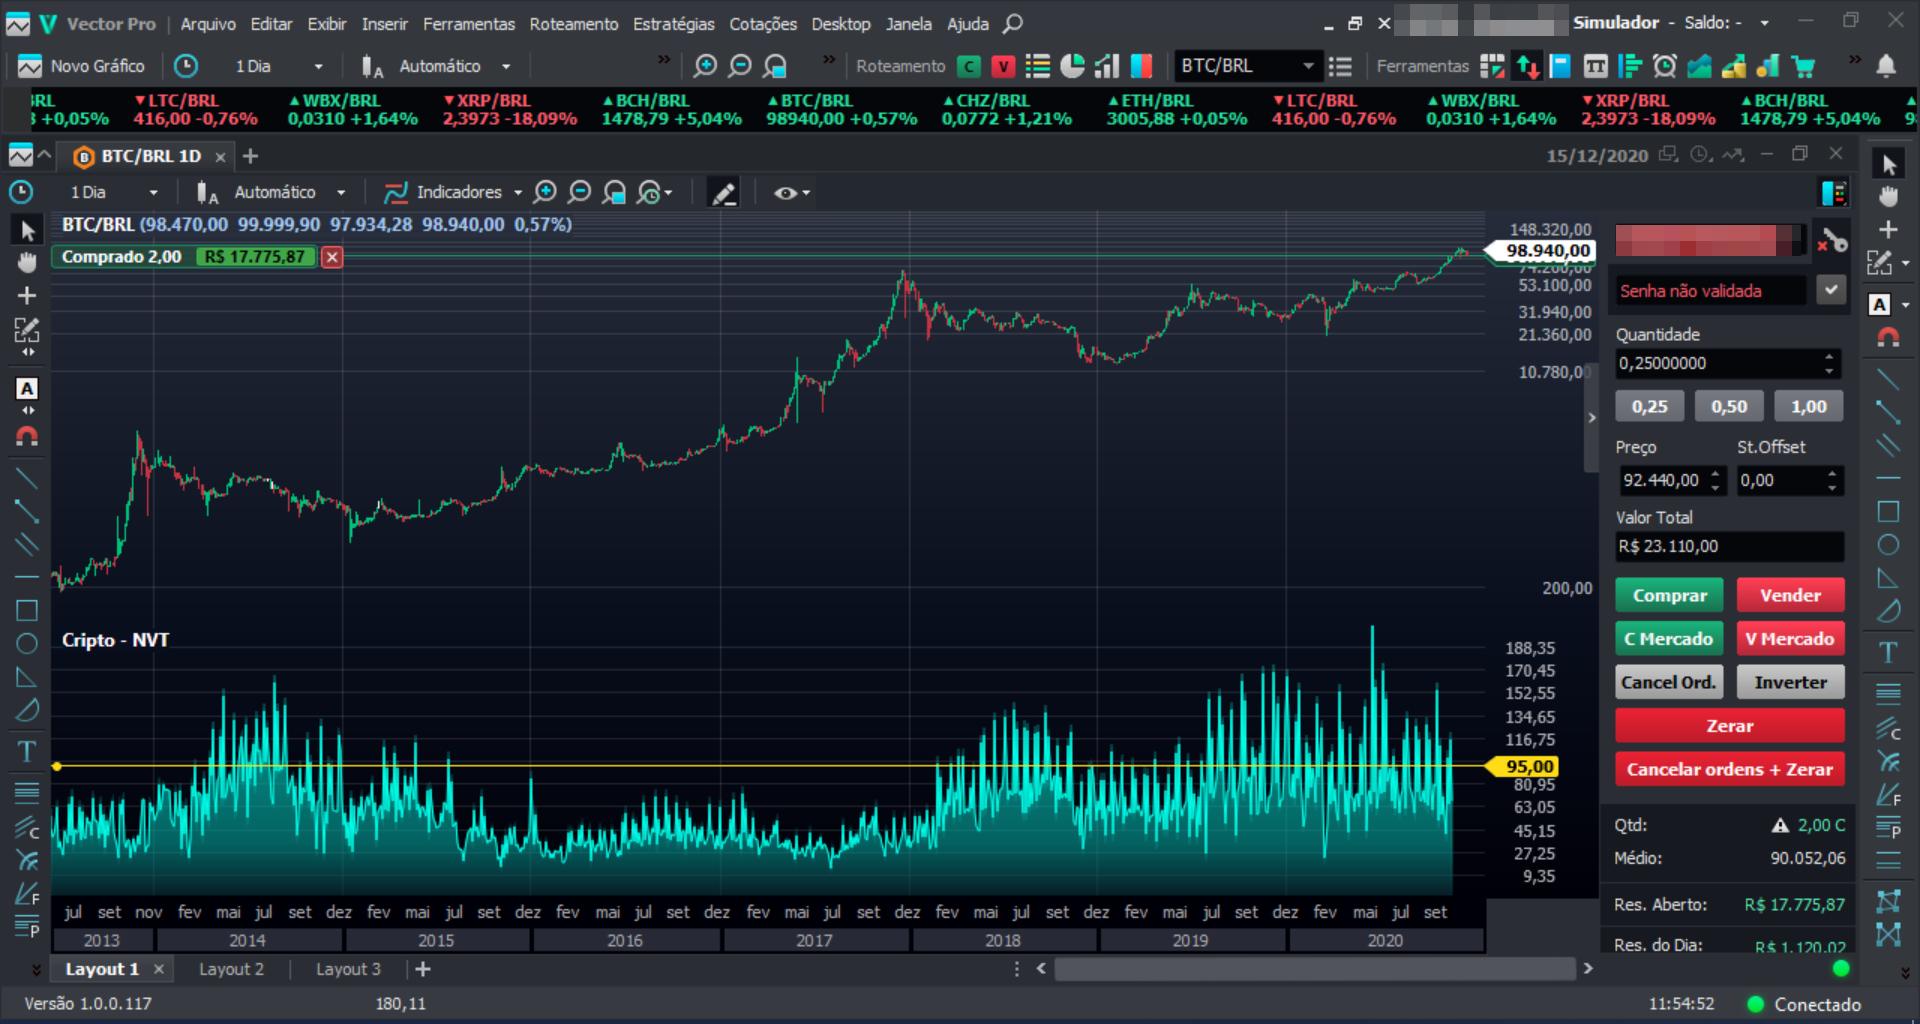 Gráfico Preço X indicador NVT